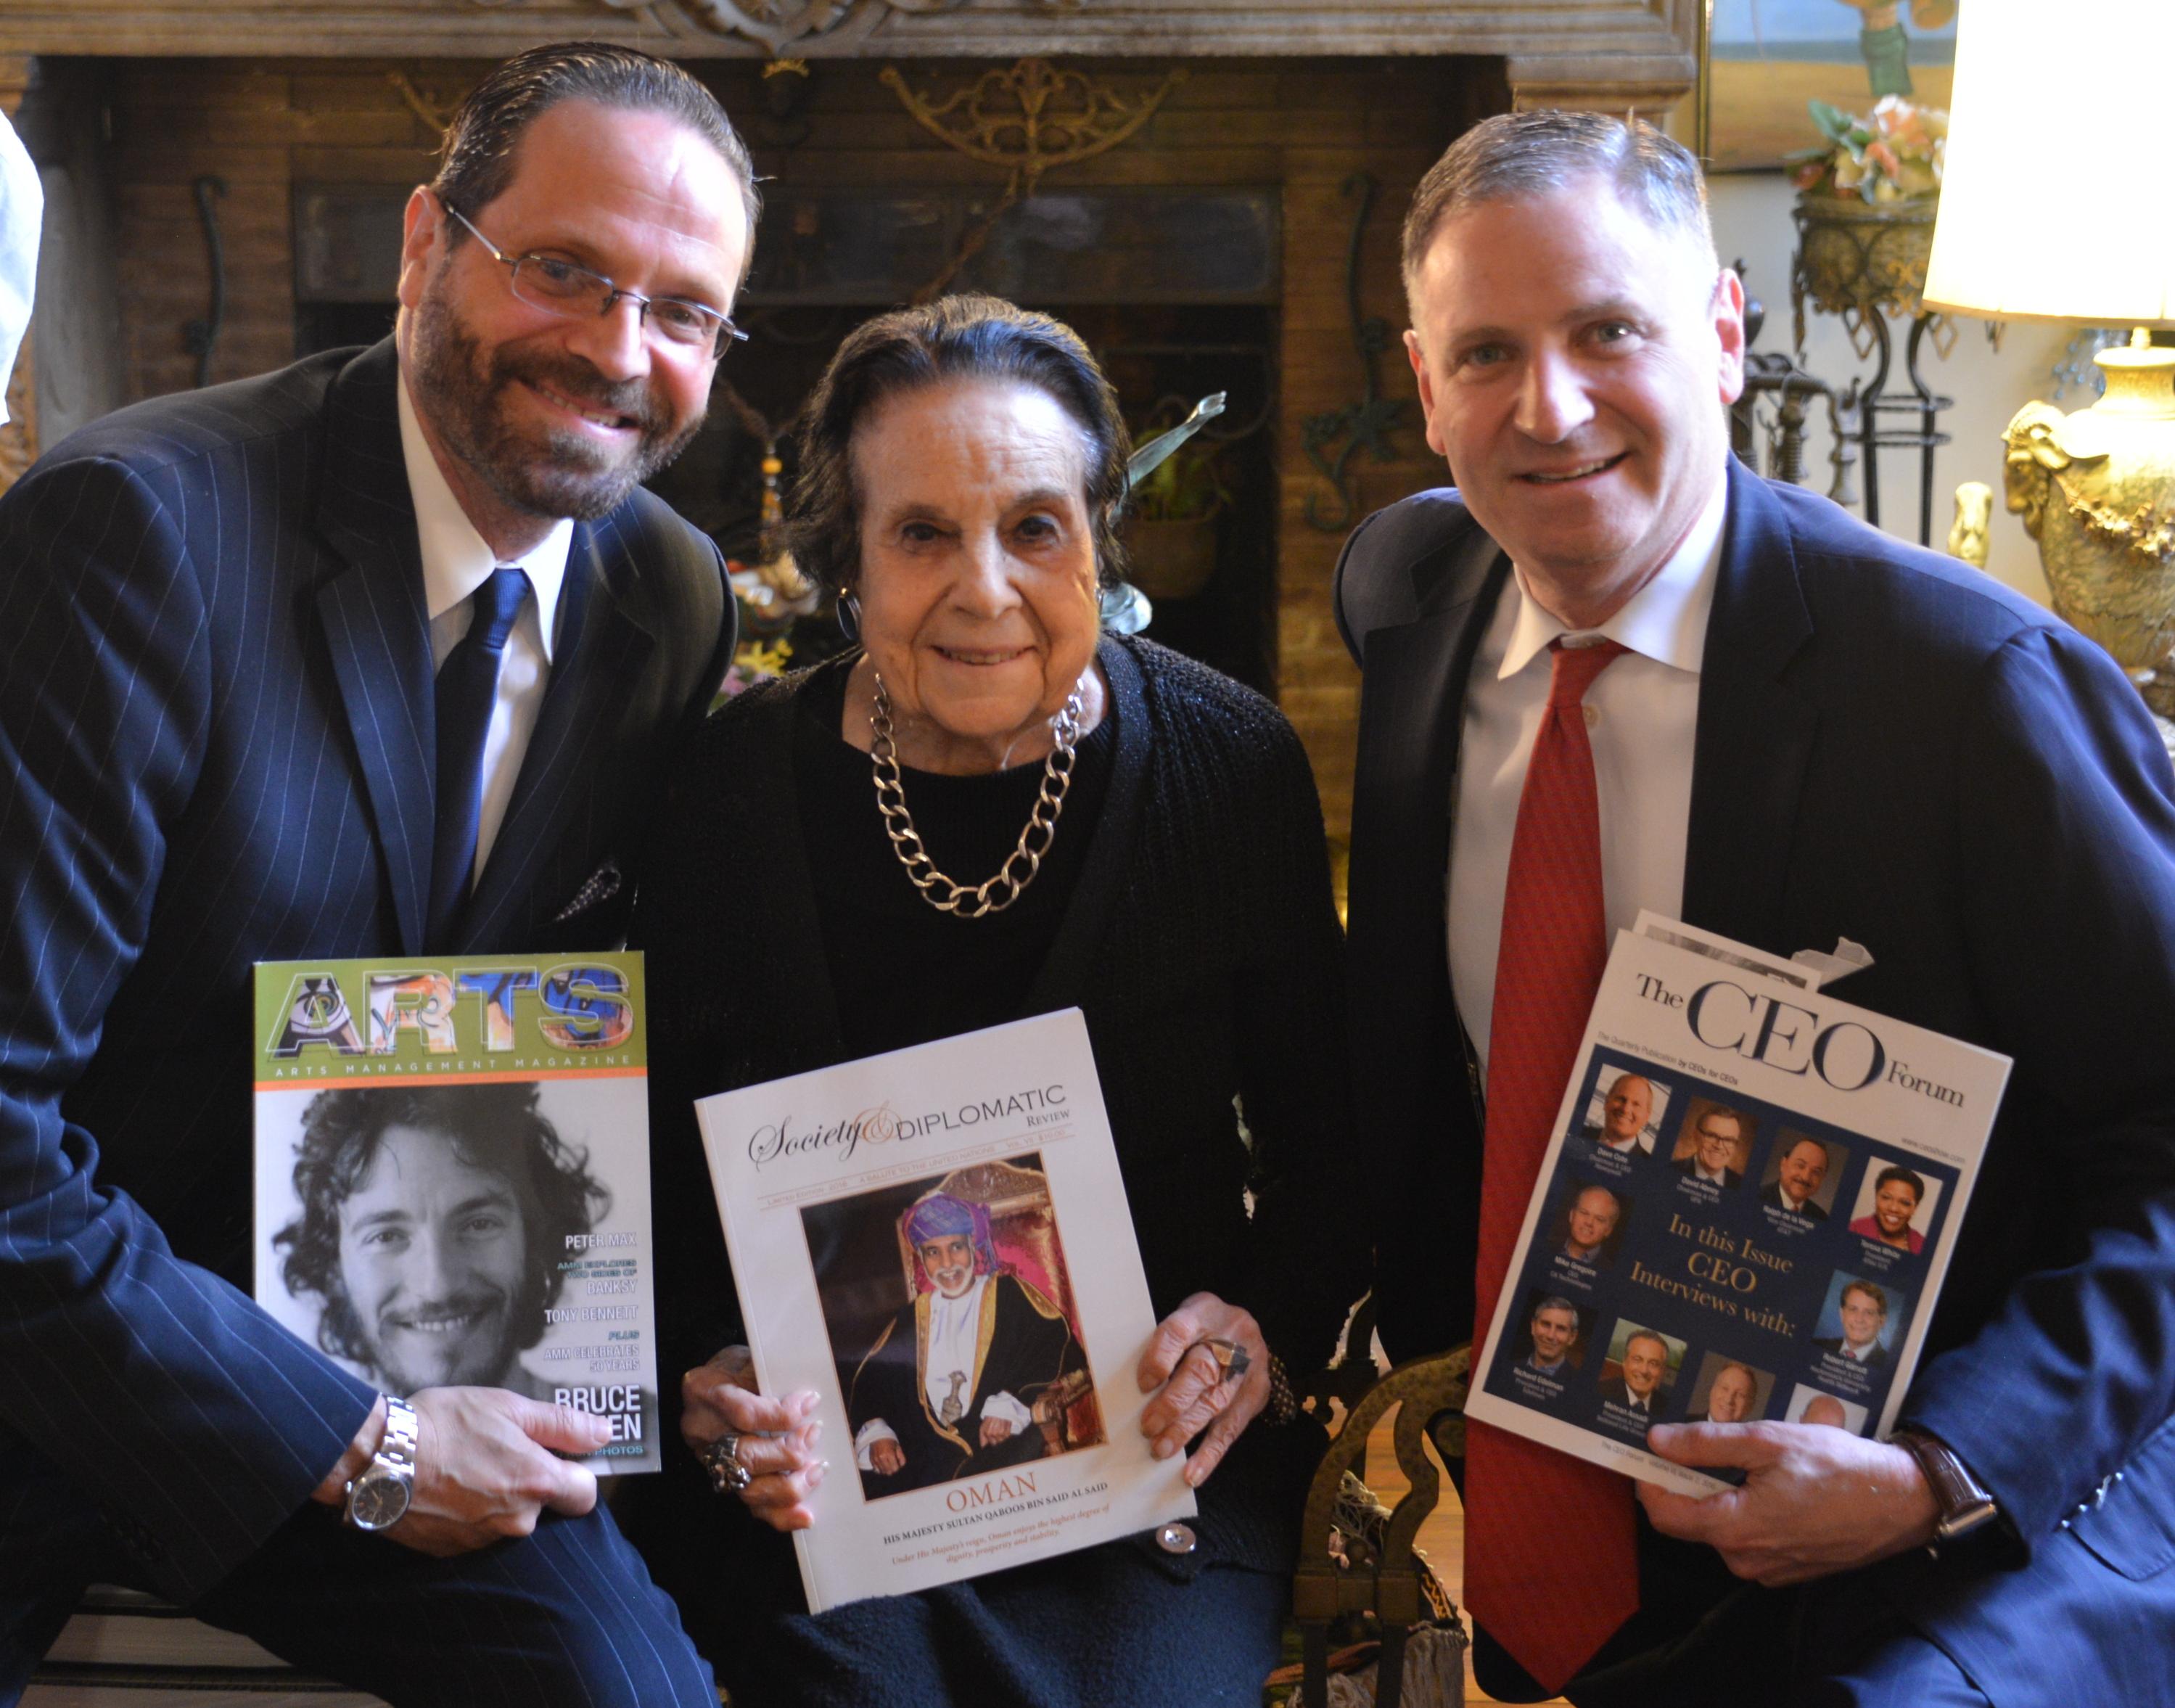 Michael Reiss & Dame Gloria Starr Kins & Robert Reiss